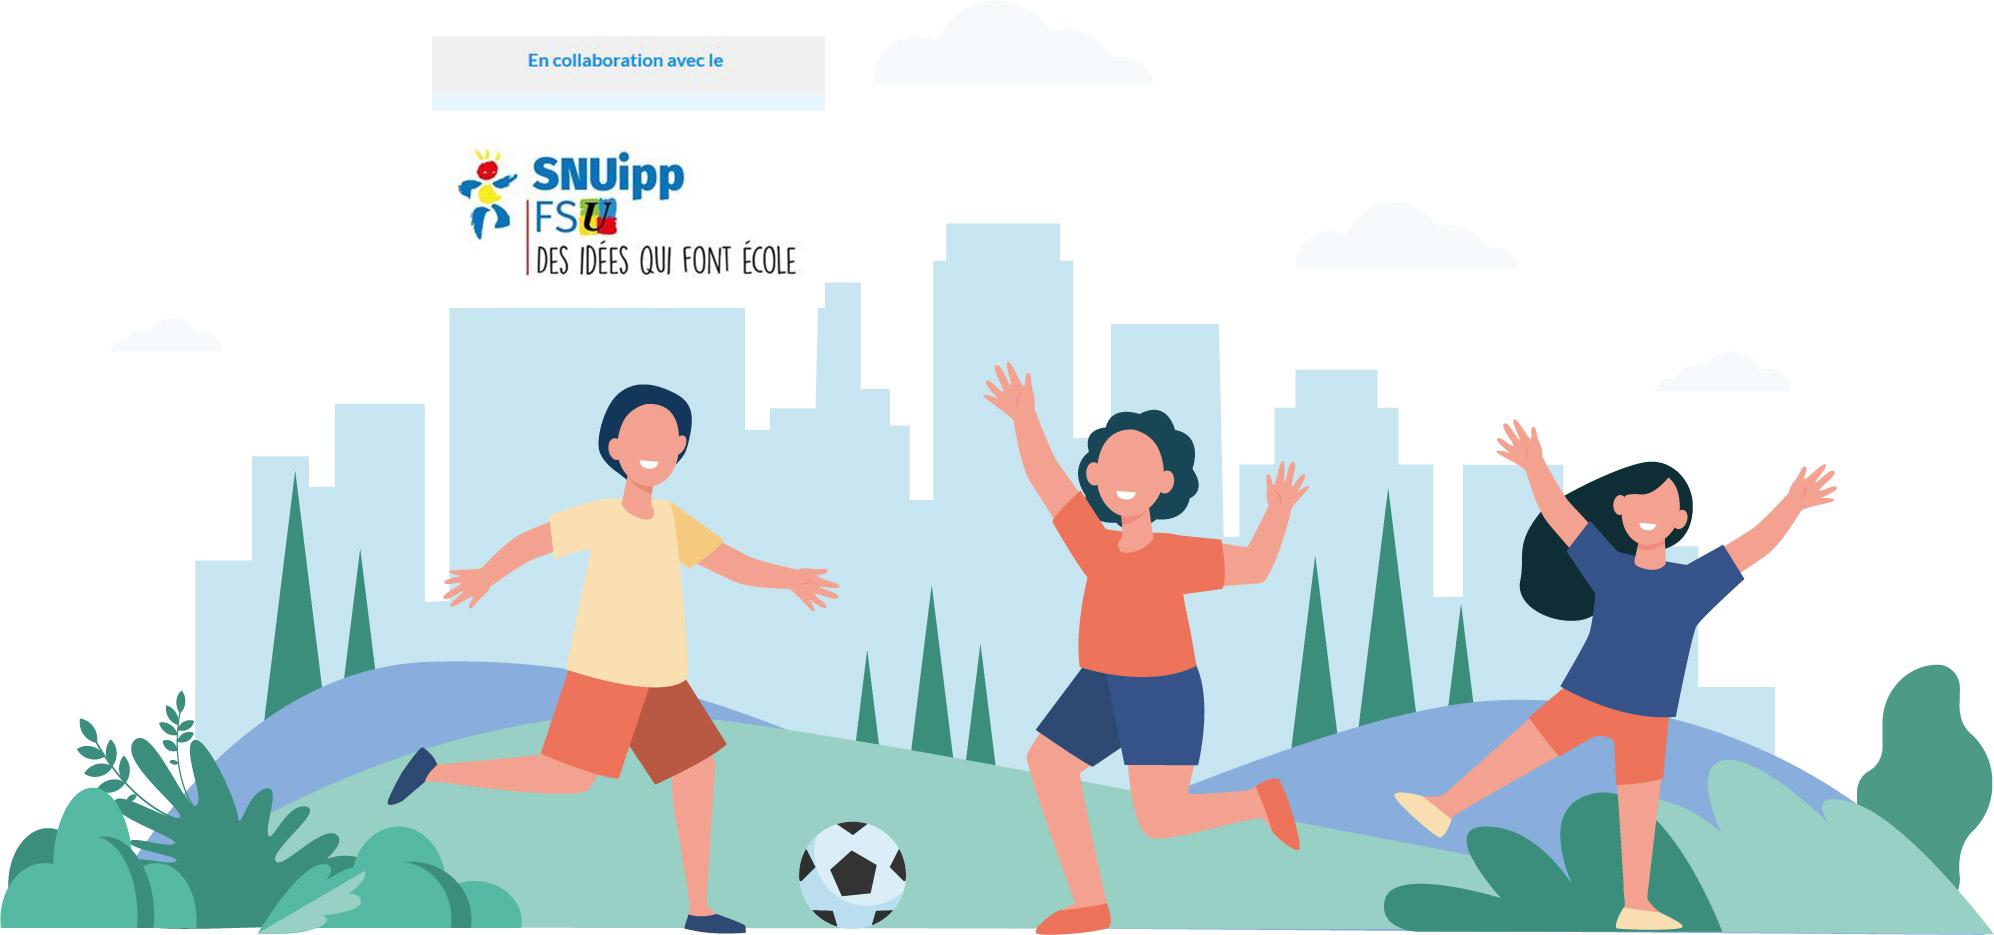 20 mesures pour apprendre en EPS à l'école primaire, développer le sport scolaire et augmenter l'activité physique quotidienne